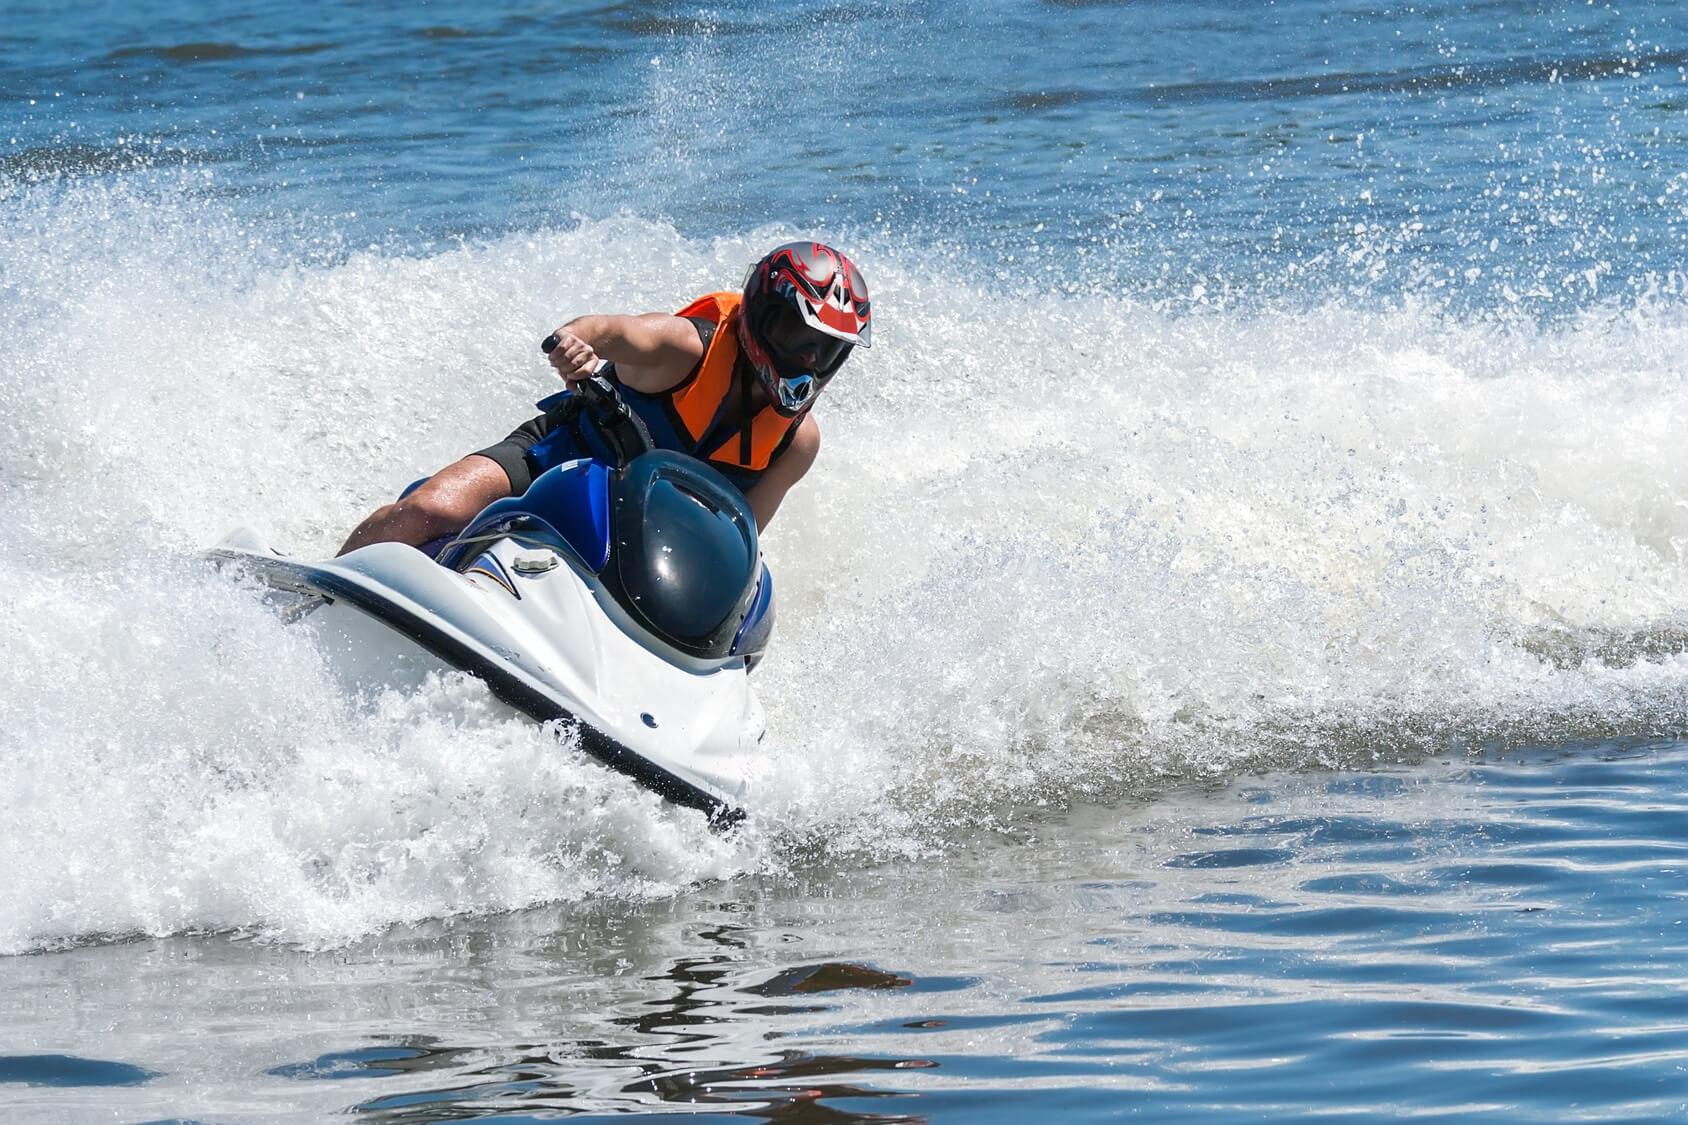 Valencia Jet Skiing